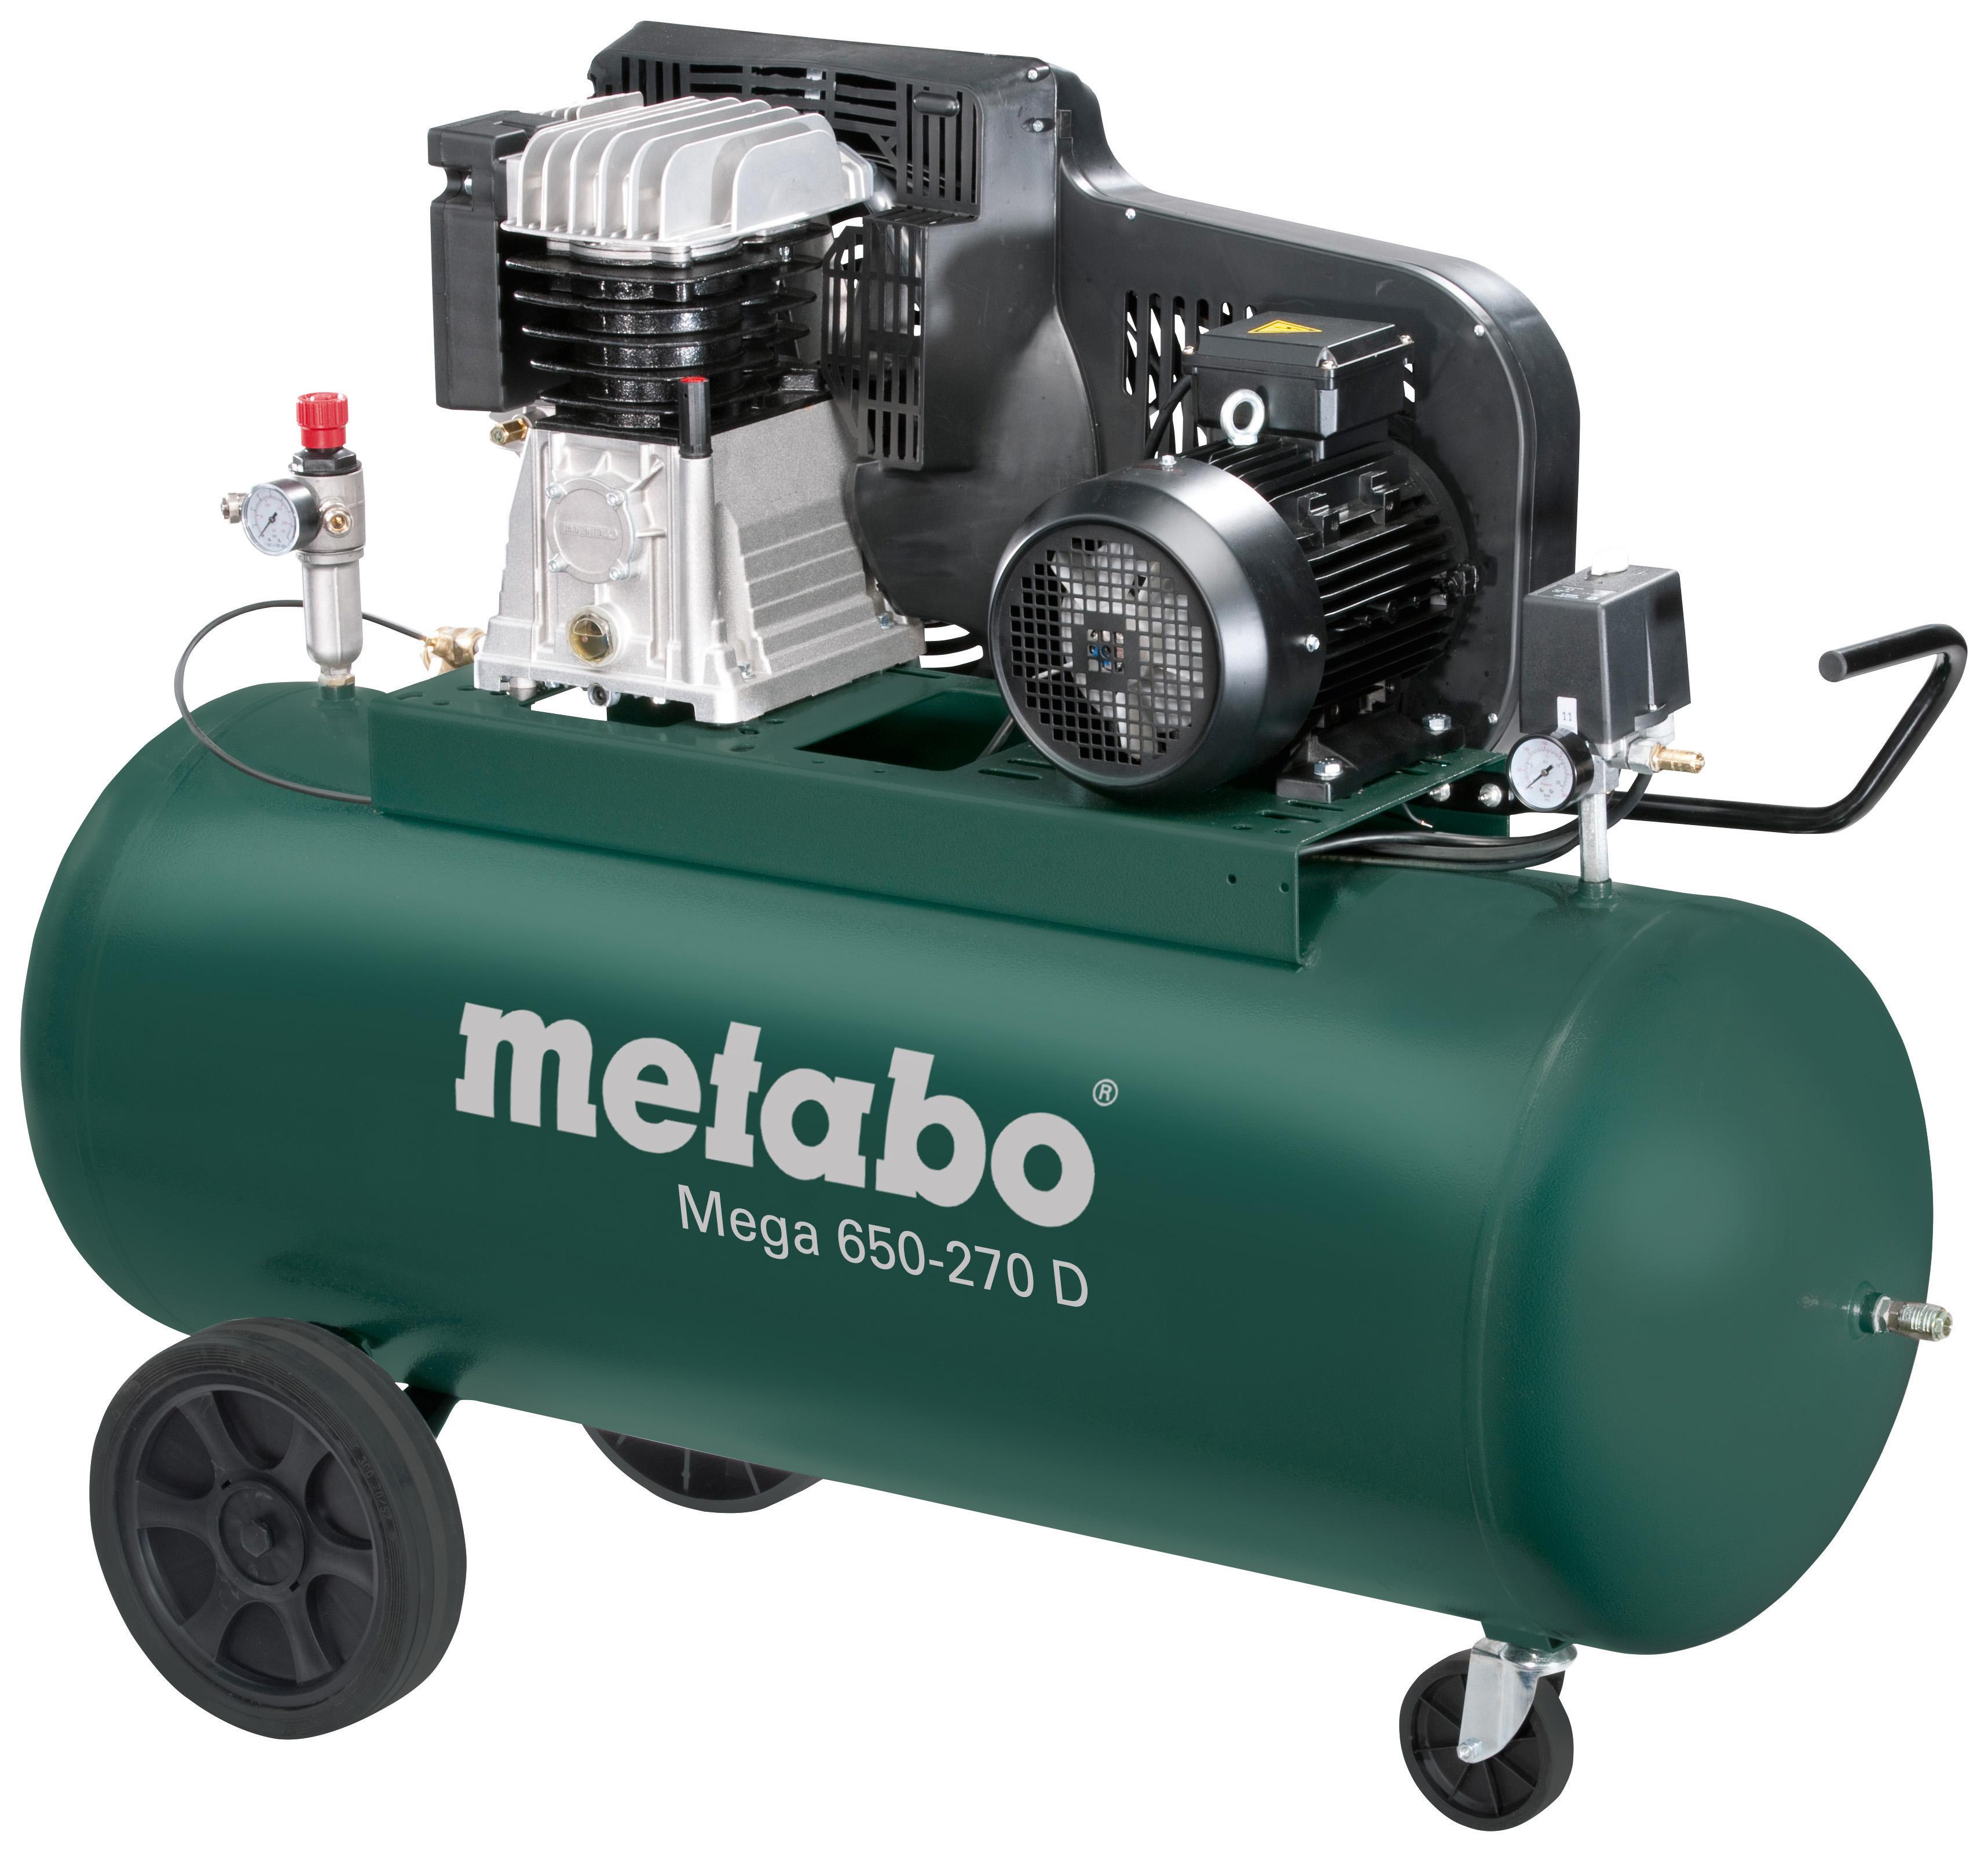 Компрессор поршневой Metabo Mega 650-270 d (601543000) компрессор ременной metabo mega 580 200 d